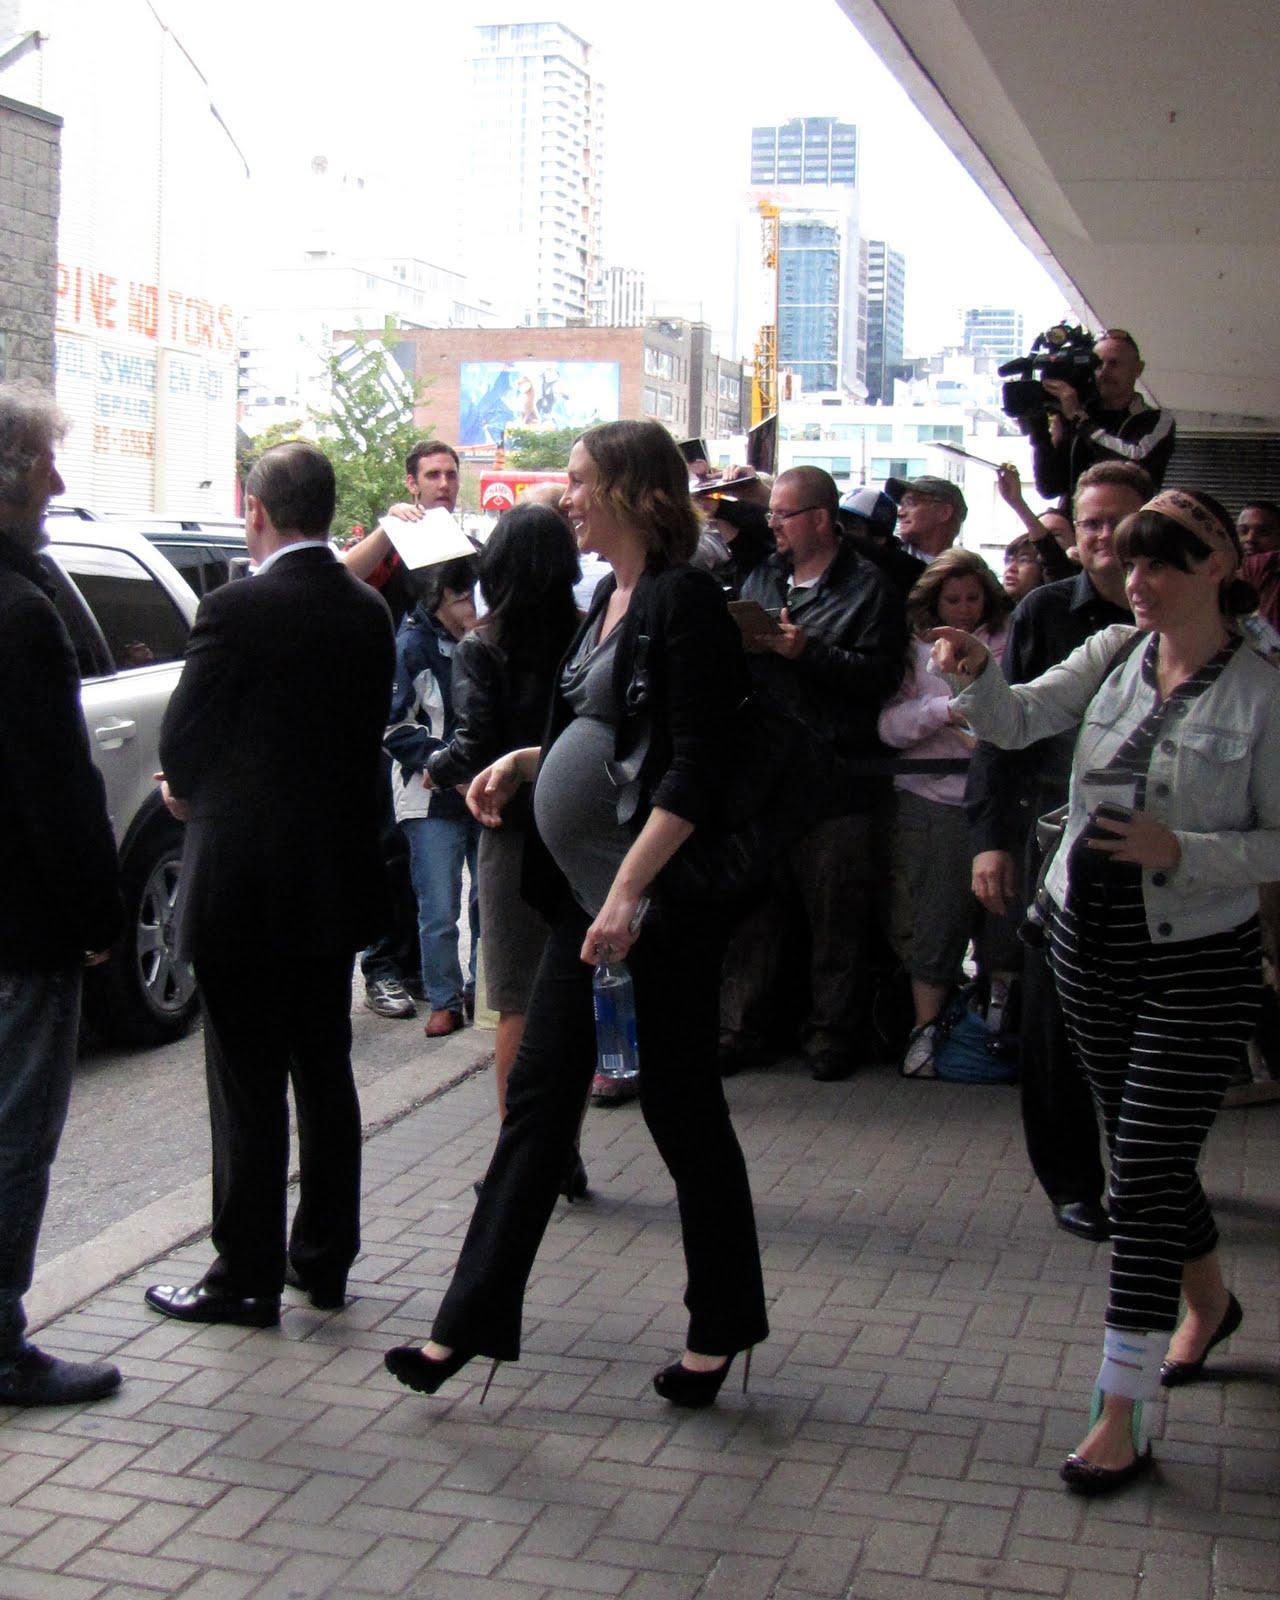 http://2.bp.blogspot.com/_5_7myy6XZuw/TJBppsmRm_I/AAAAAAAAEbw/rwKjVu2ts3U/s1600/Vera+Farmiga+at+Henry\'s+Crime+Press+Conference+Pregnant+2.jpg